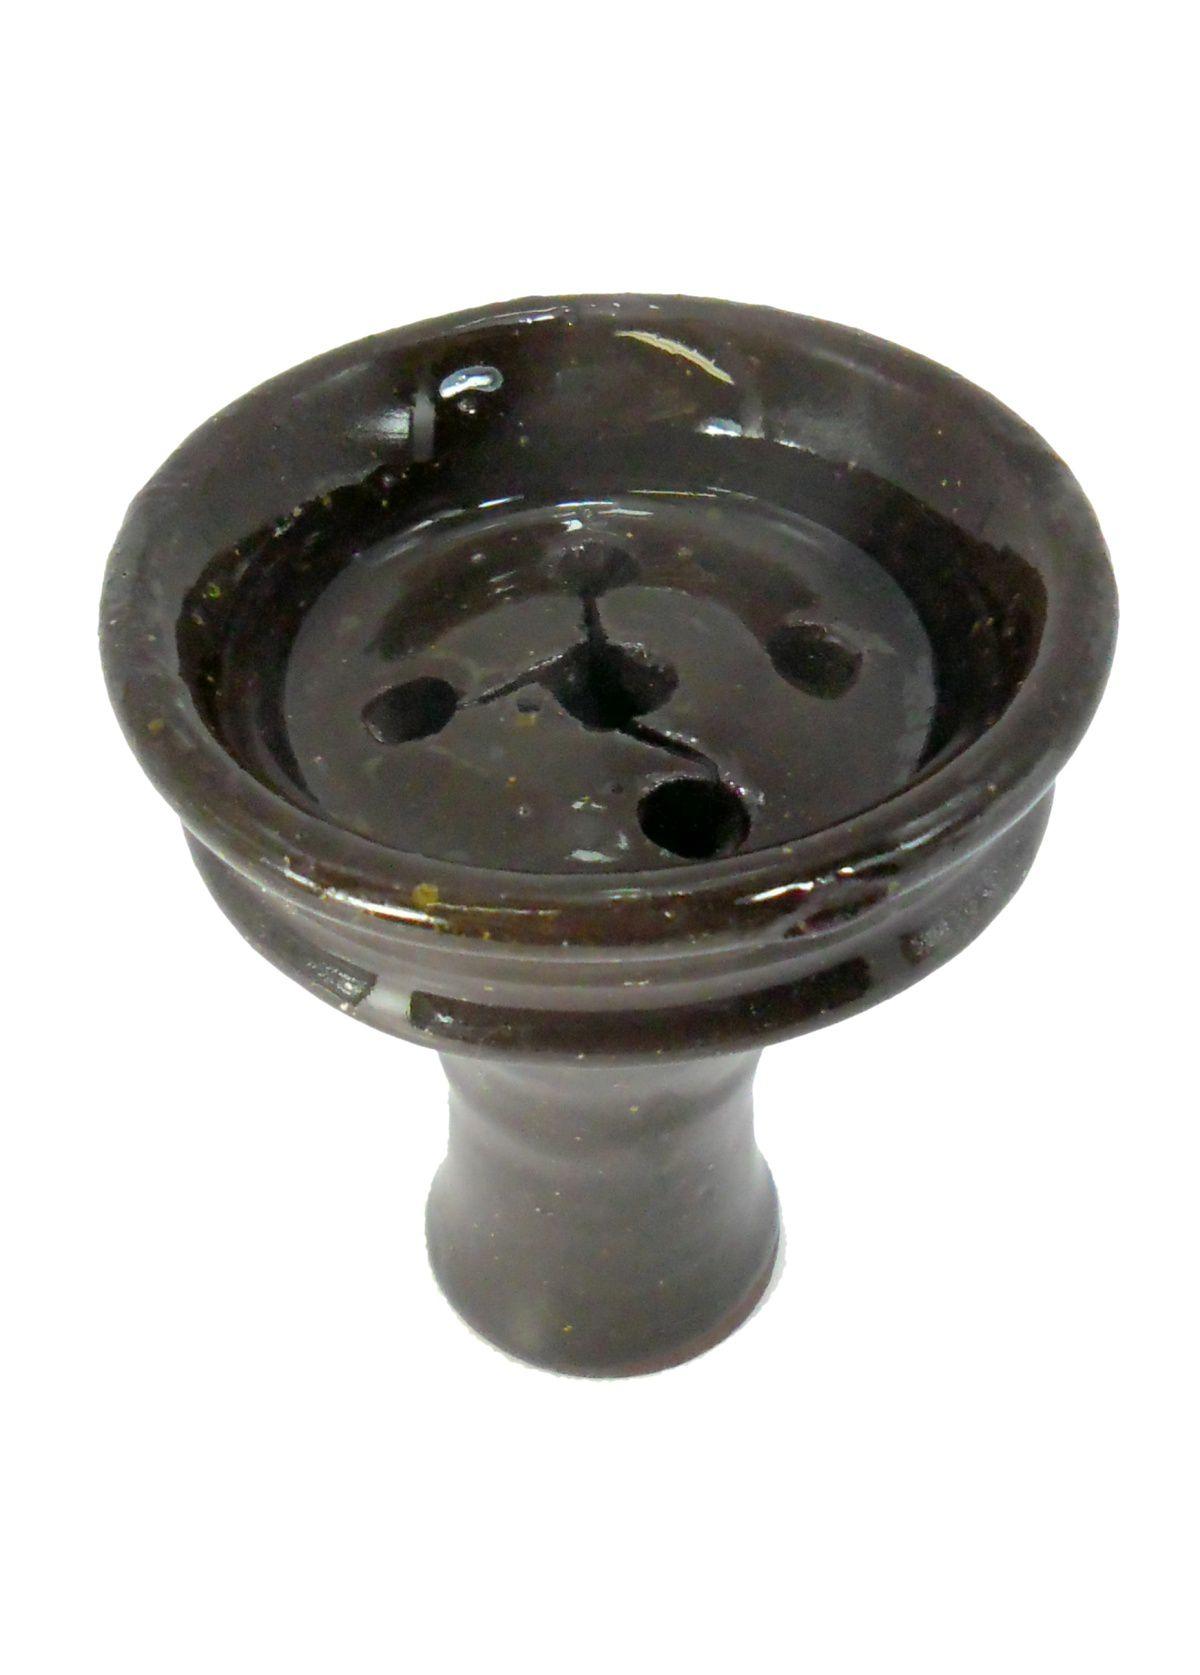 Fornilho/Rosh para narguile egípcio tradicional, em ARGILA COZIDA refratária.Tamanho médio/grande.